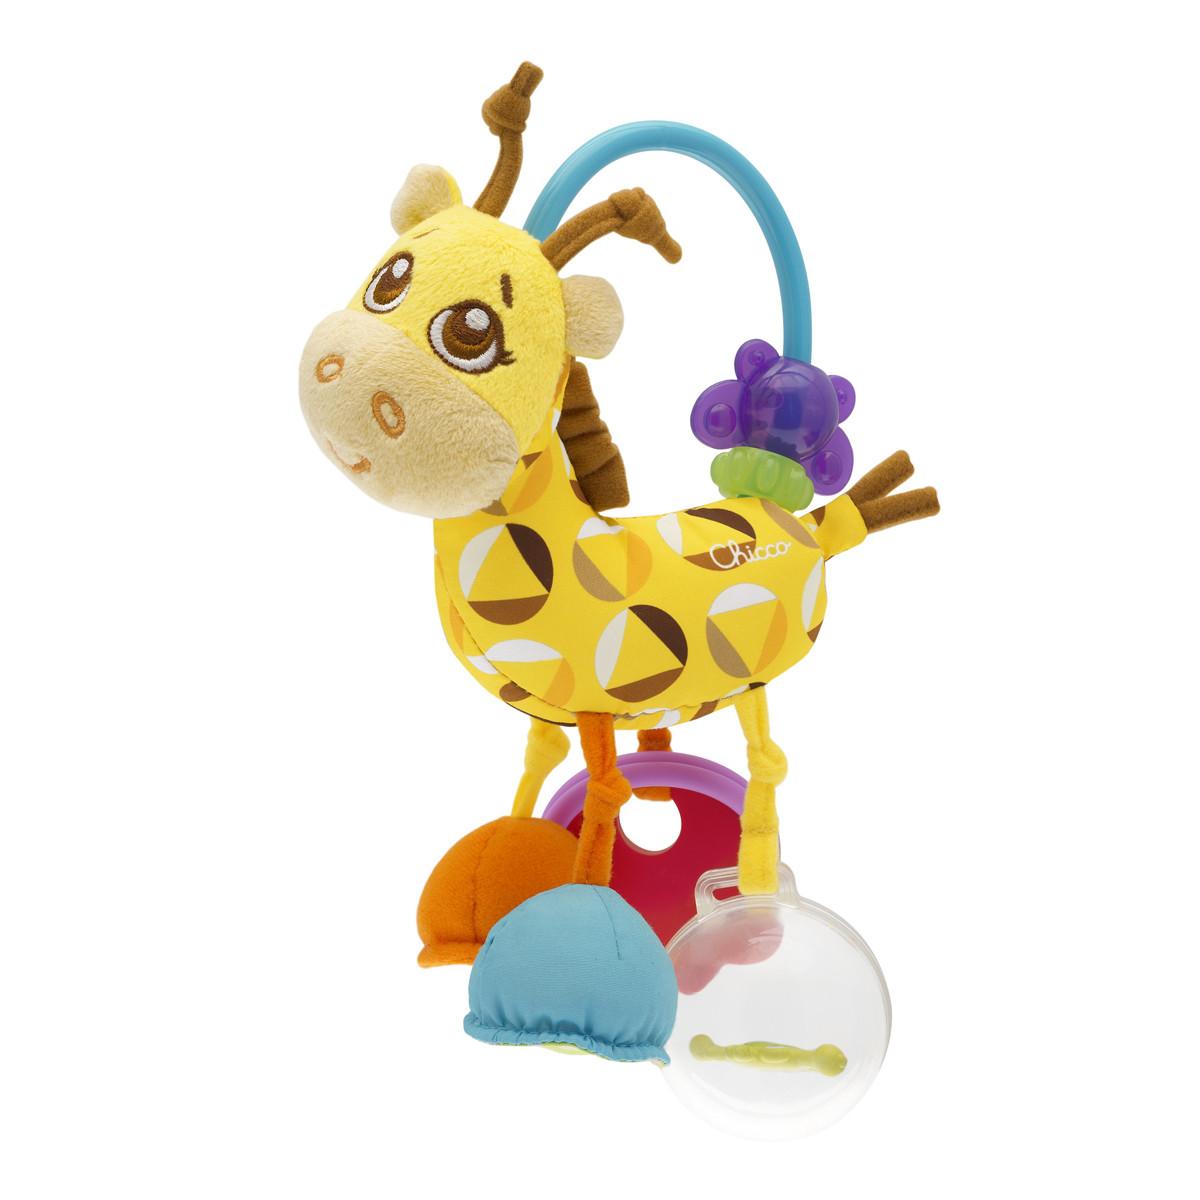 Chicco sonajero Mr Giraffe actividades